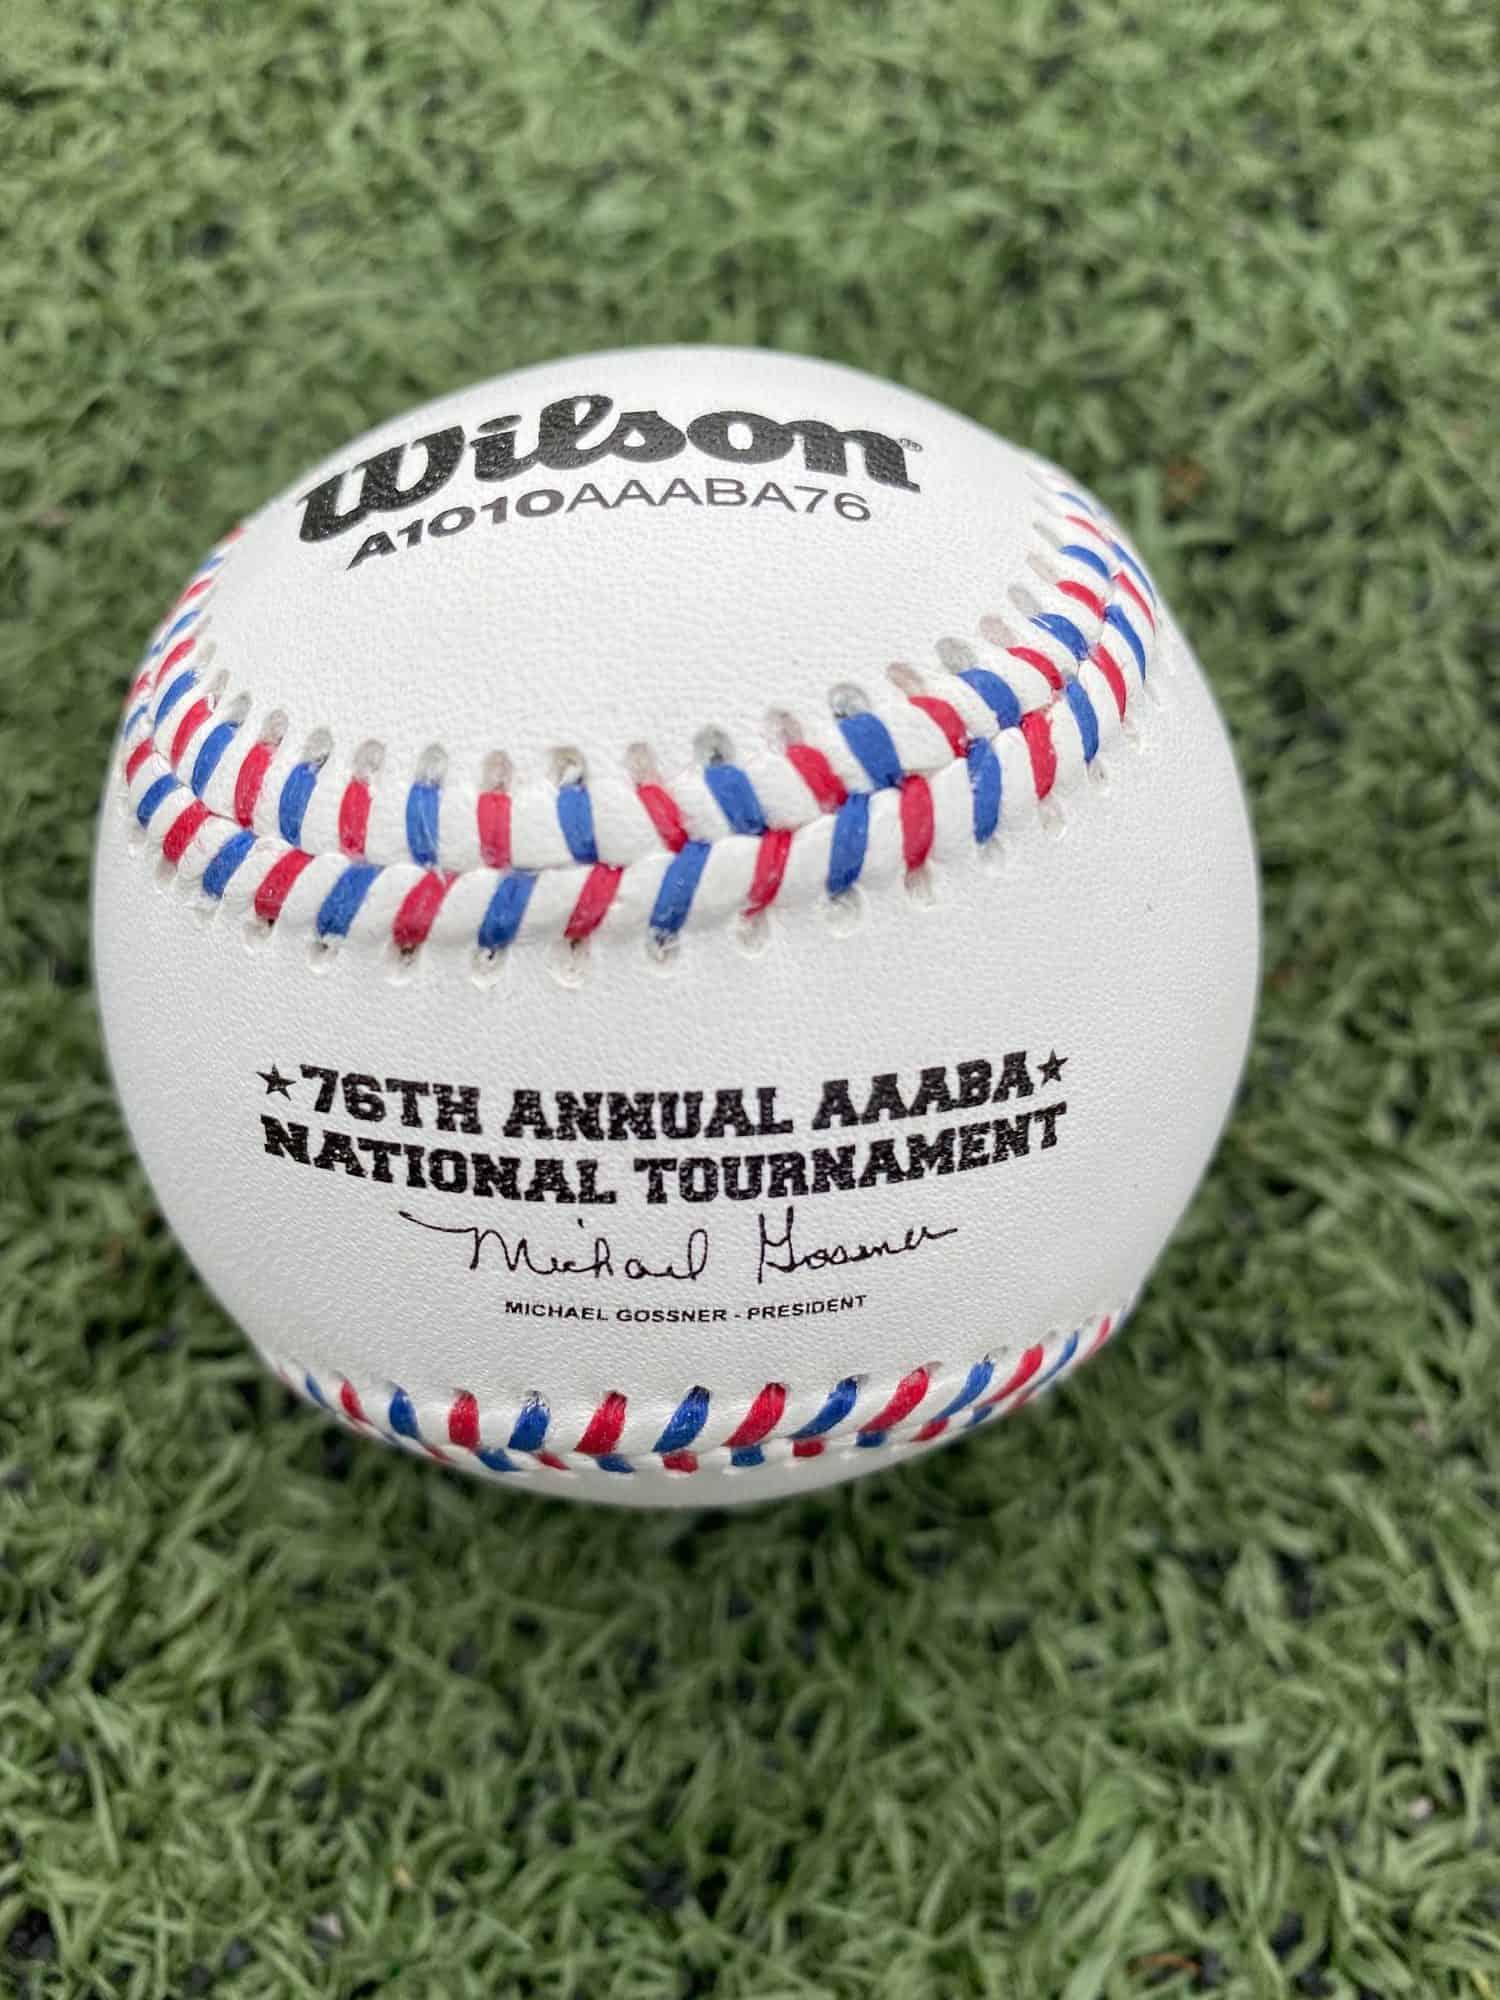 AAABA 76th baseball